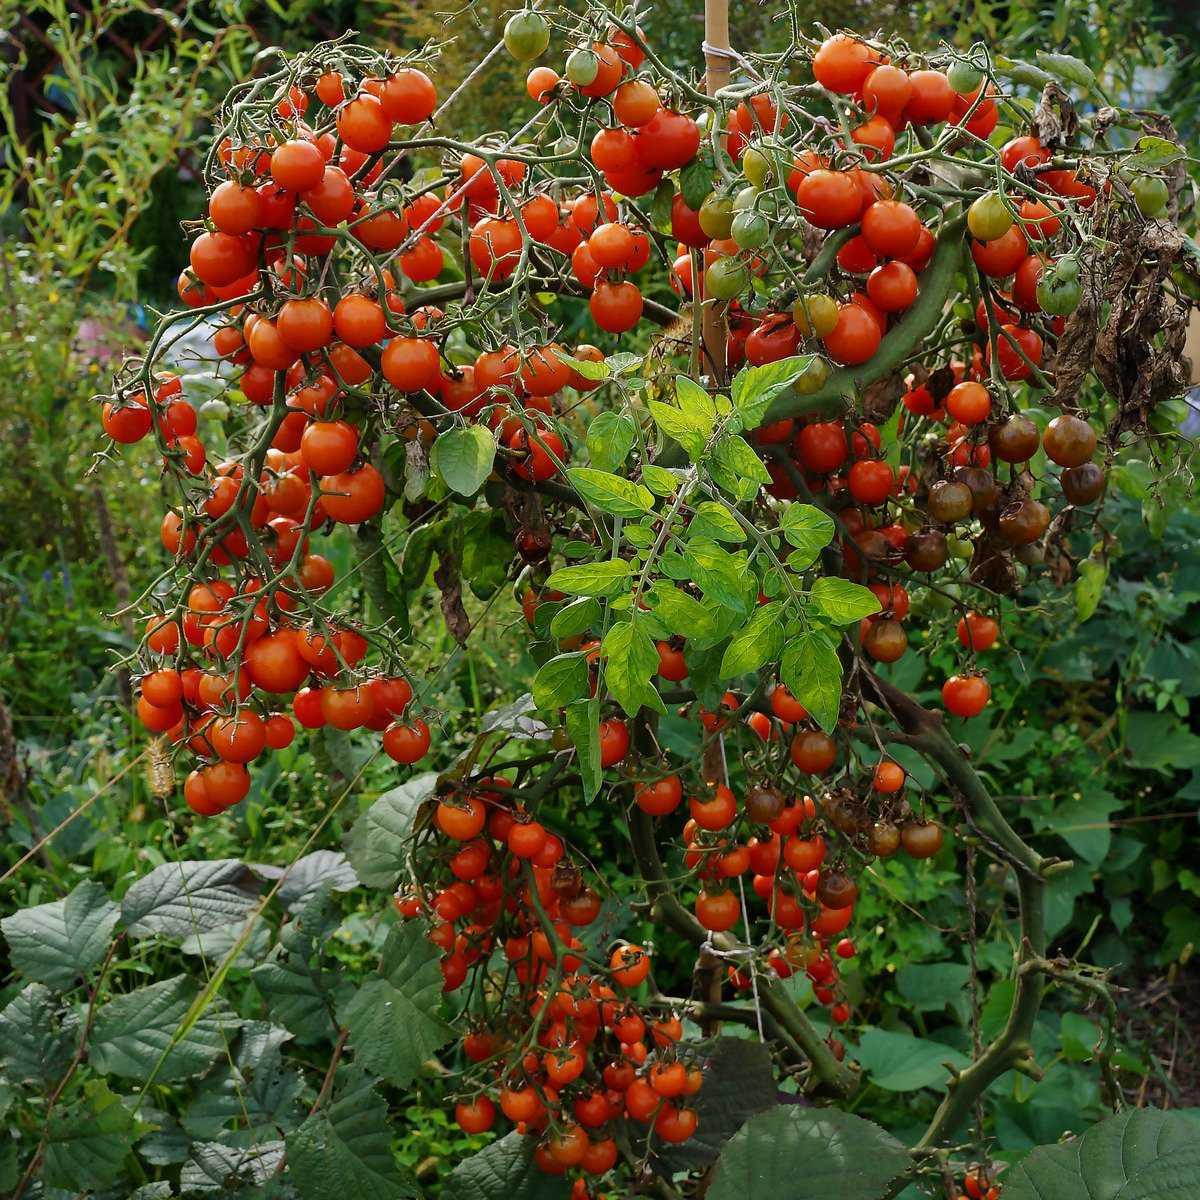 pomidory-cherri-foto-video-luchshie-sorta-opisanie-lichnyj-opyt-vyrashhivaniya-6